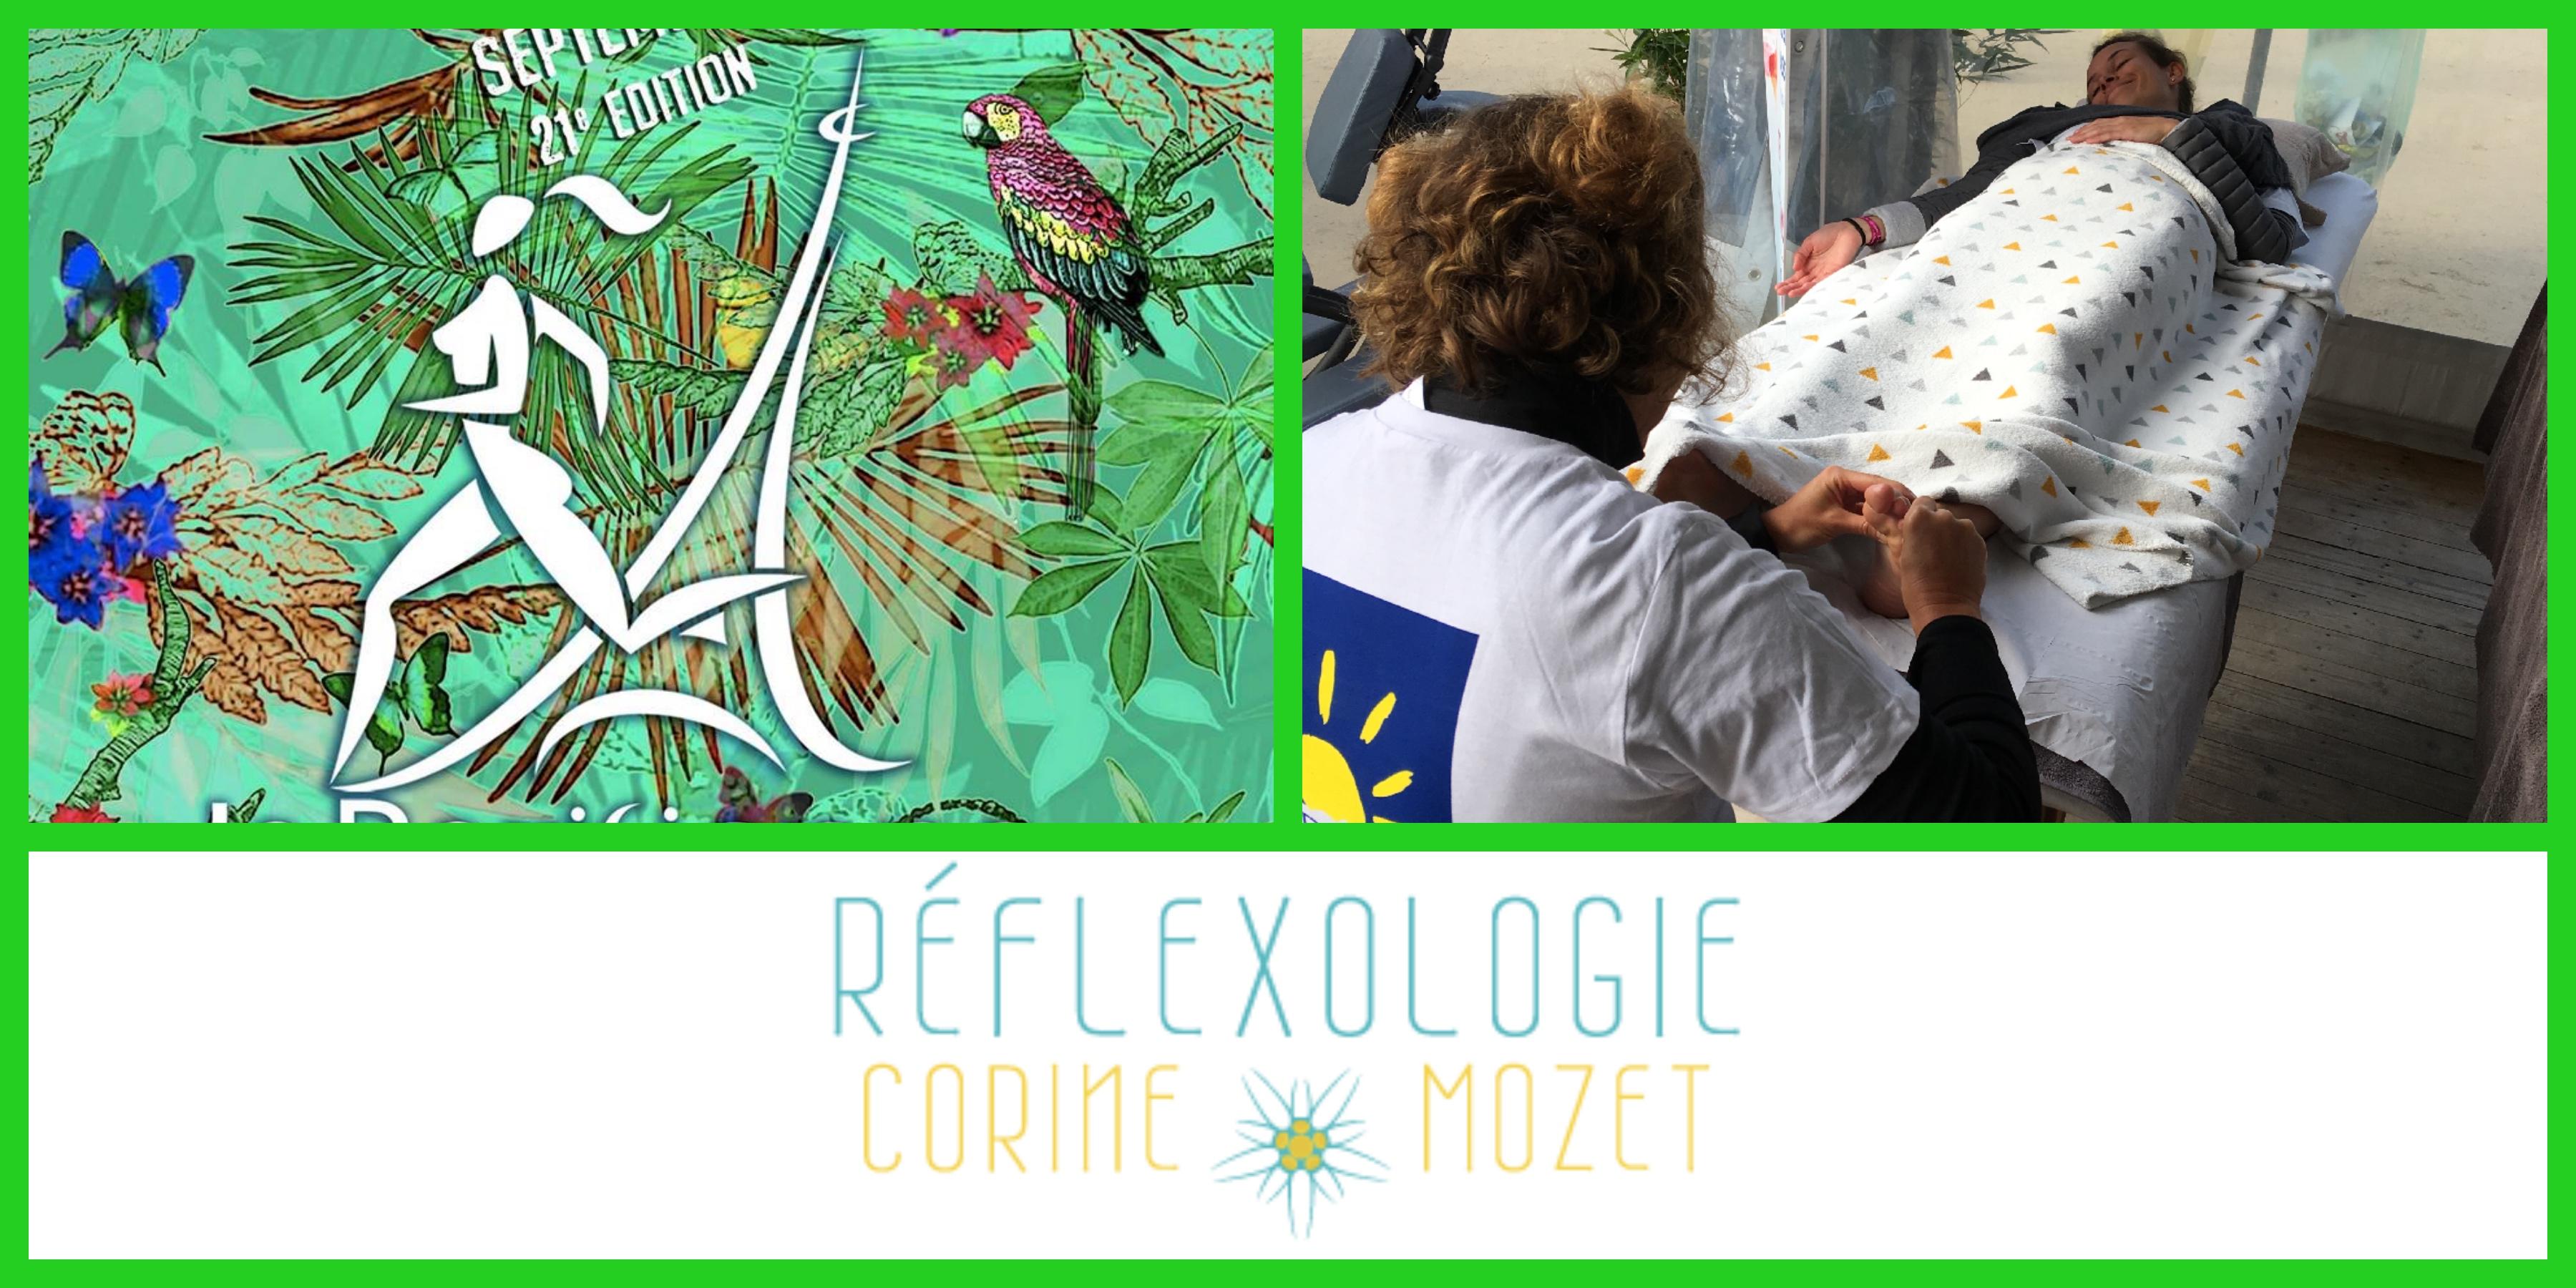 Réflexologie & Sport Corine Mozet